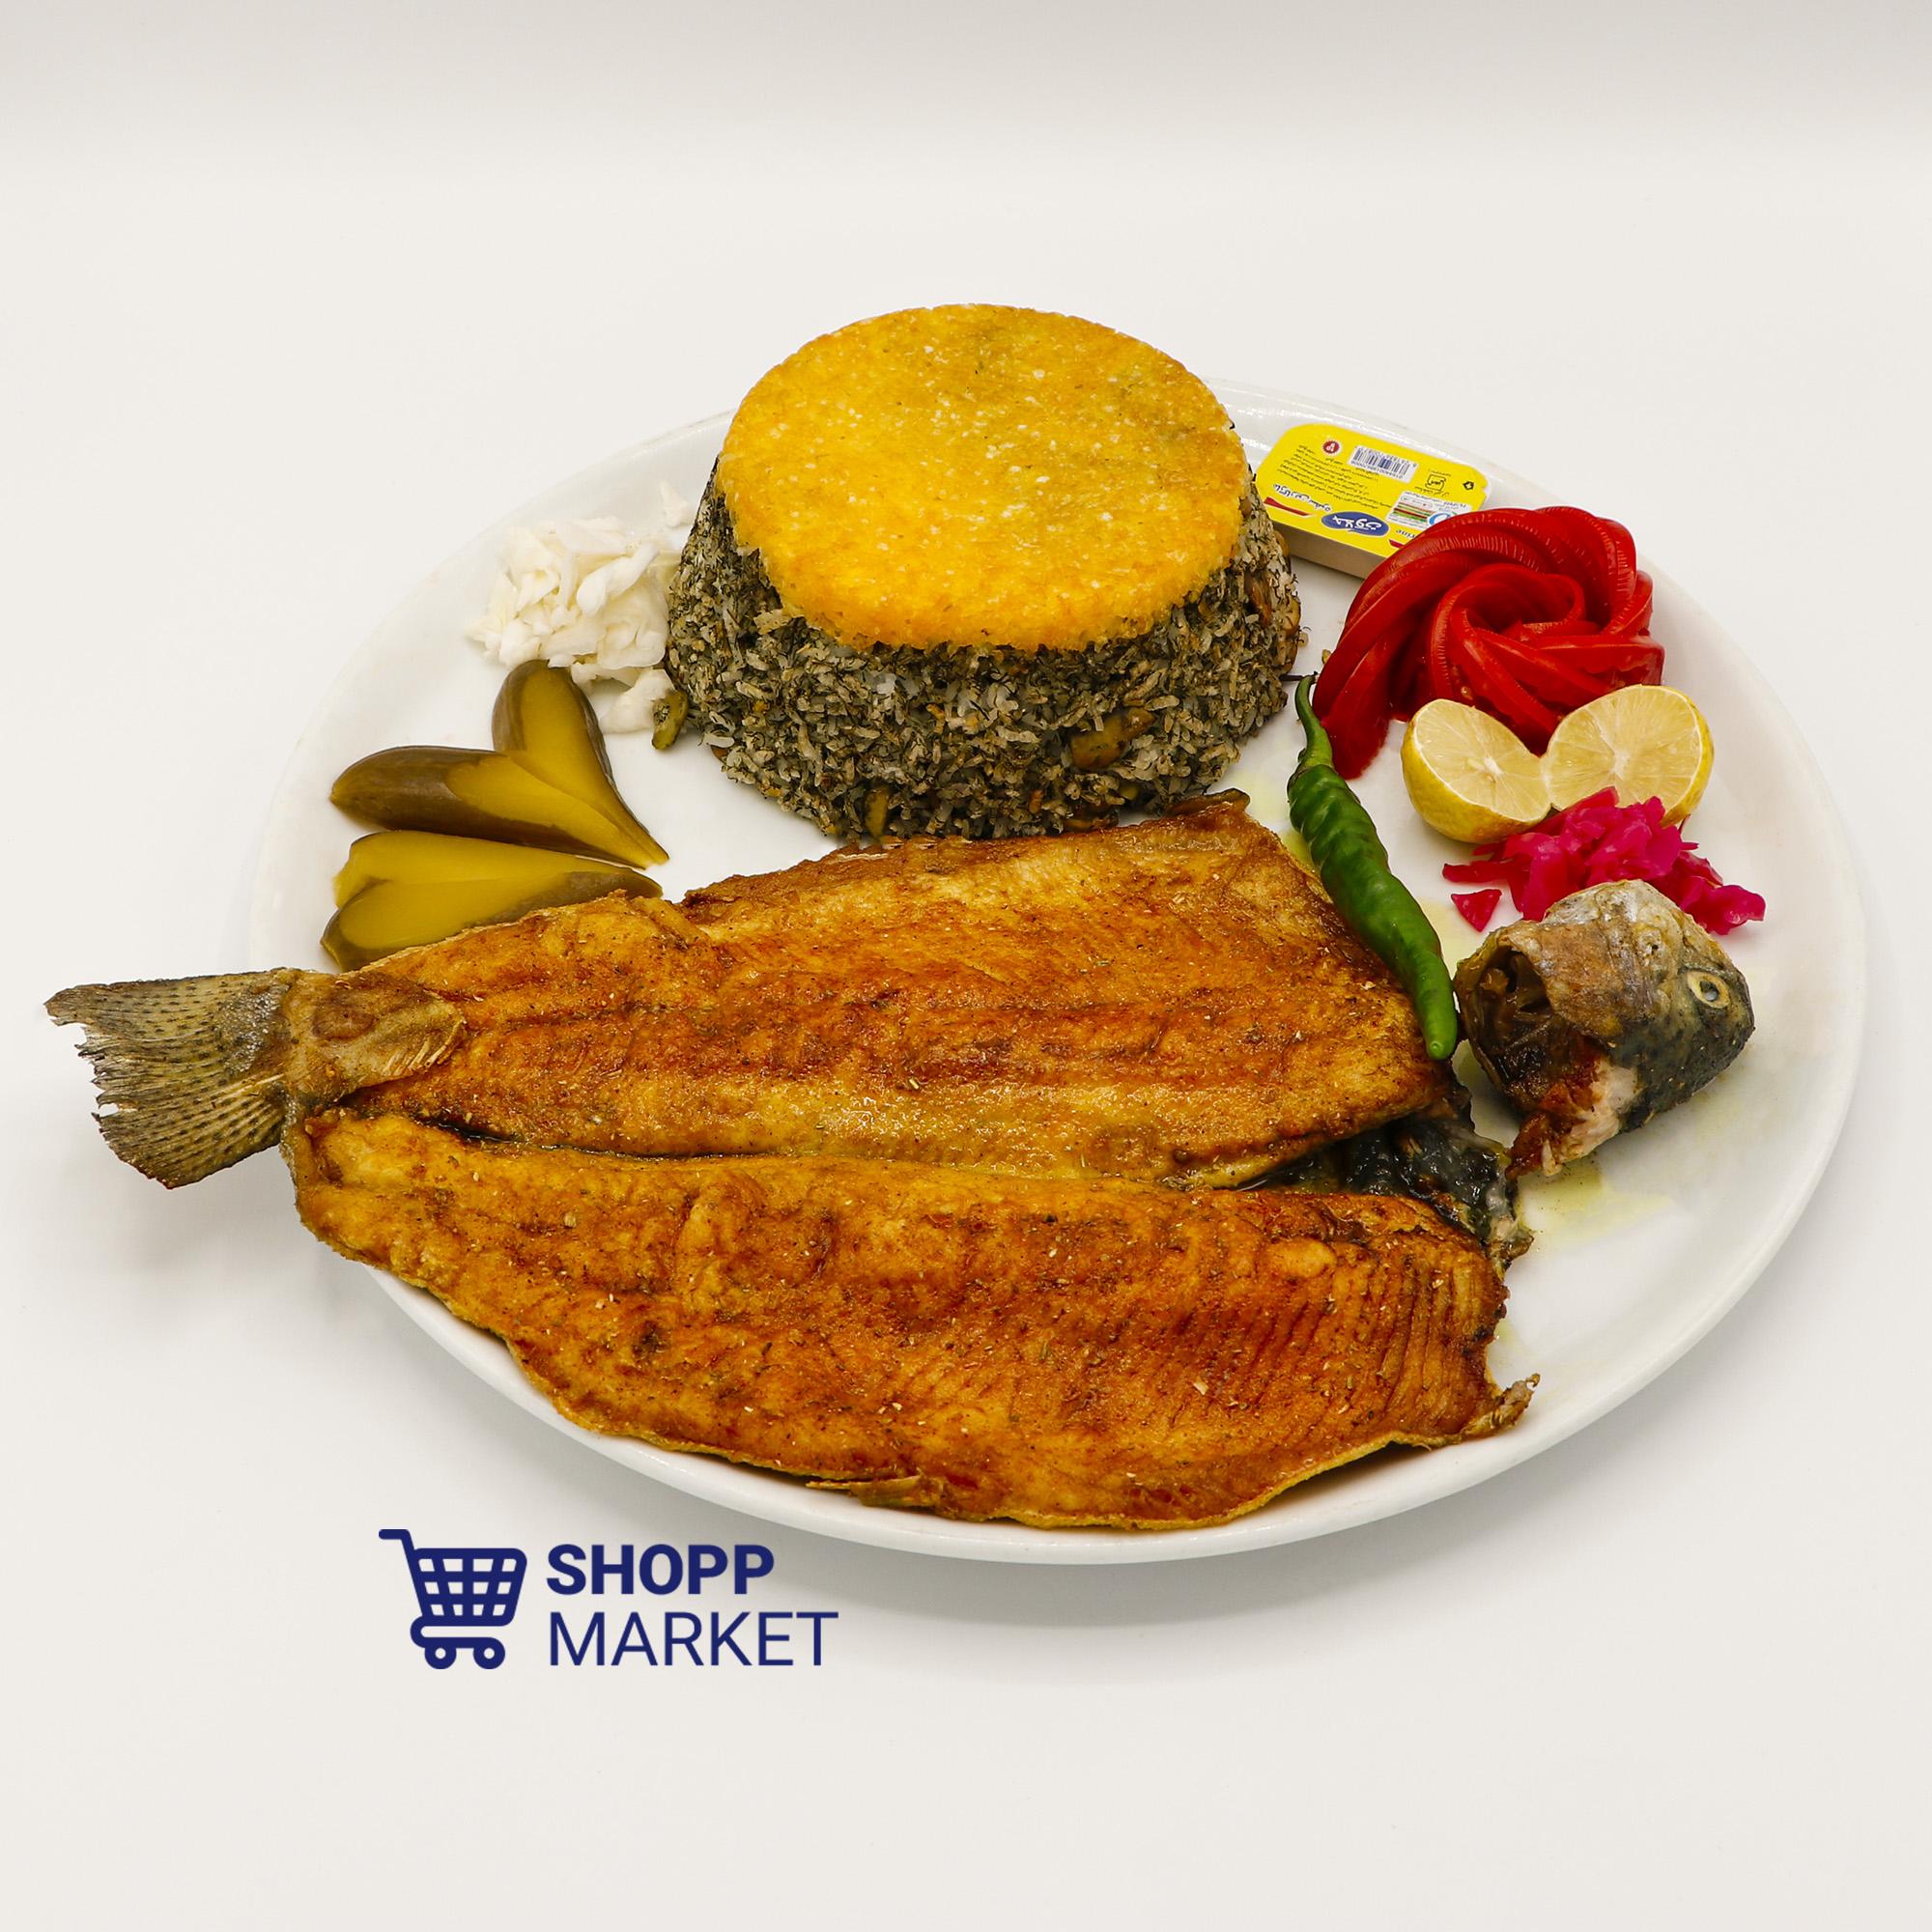 باقالی پلو با ماهی